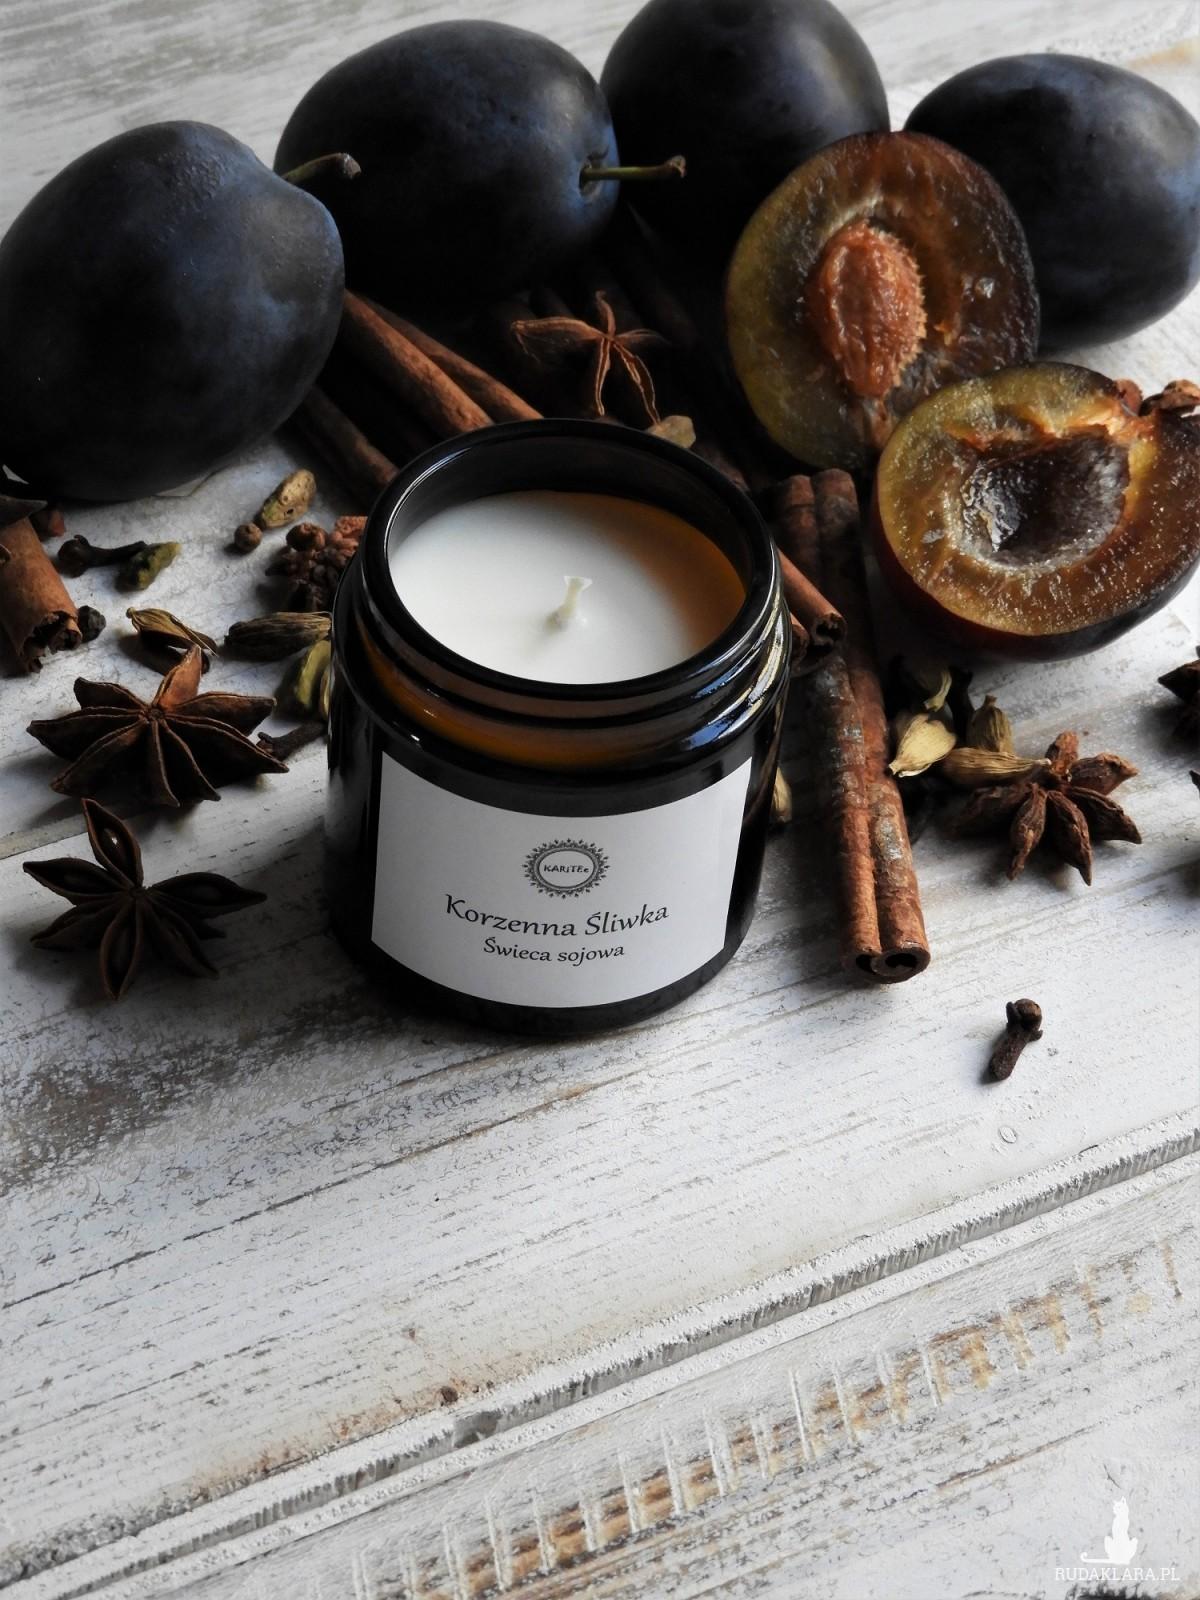 Zapachowa świeca sojowa Korzenna Śliwka